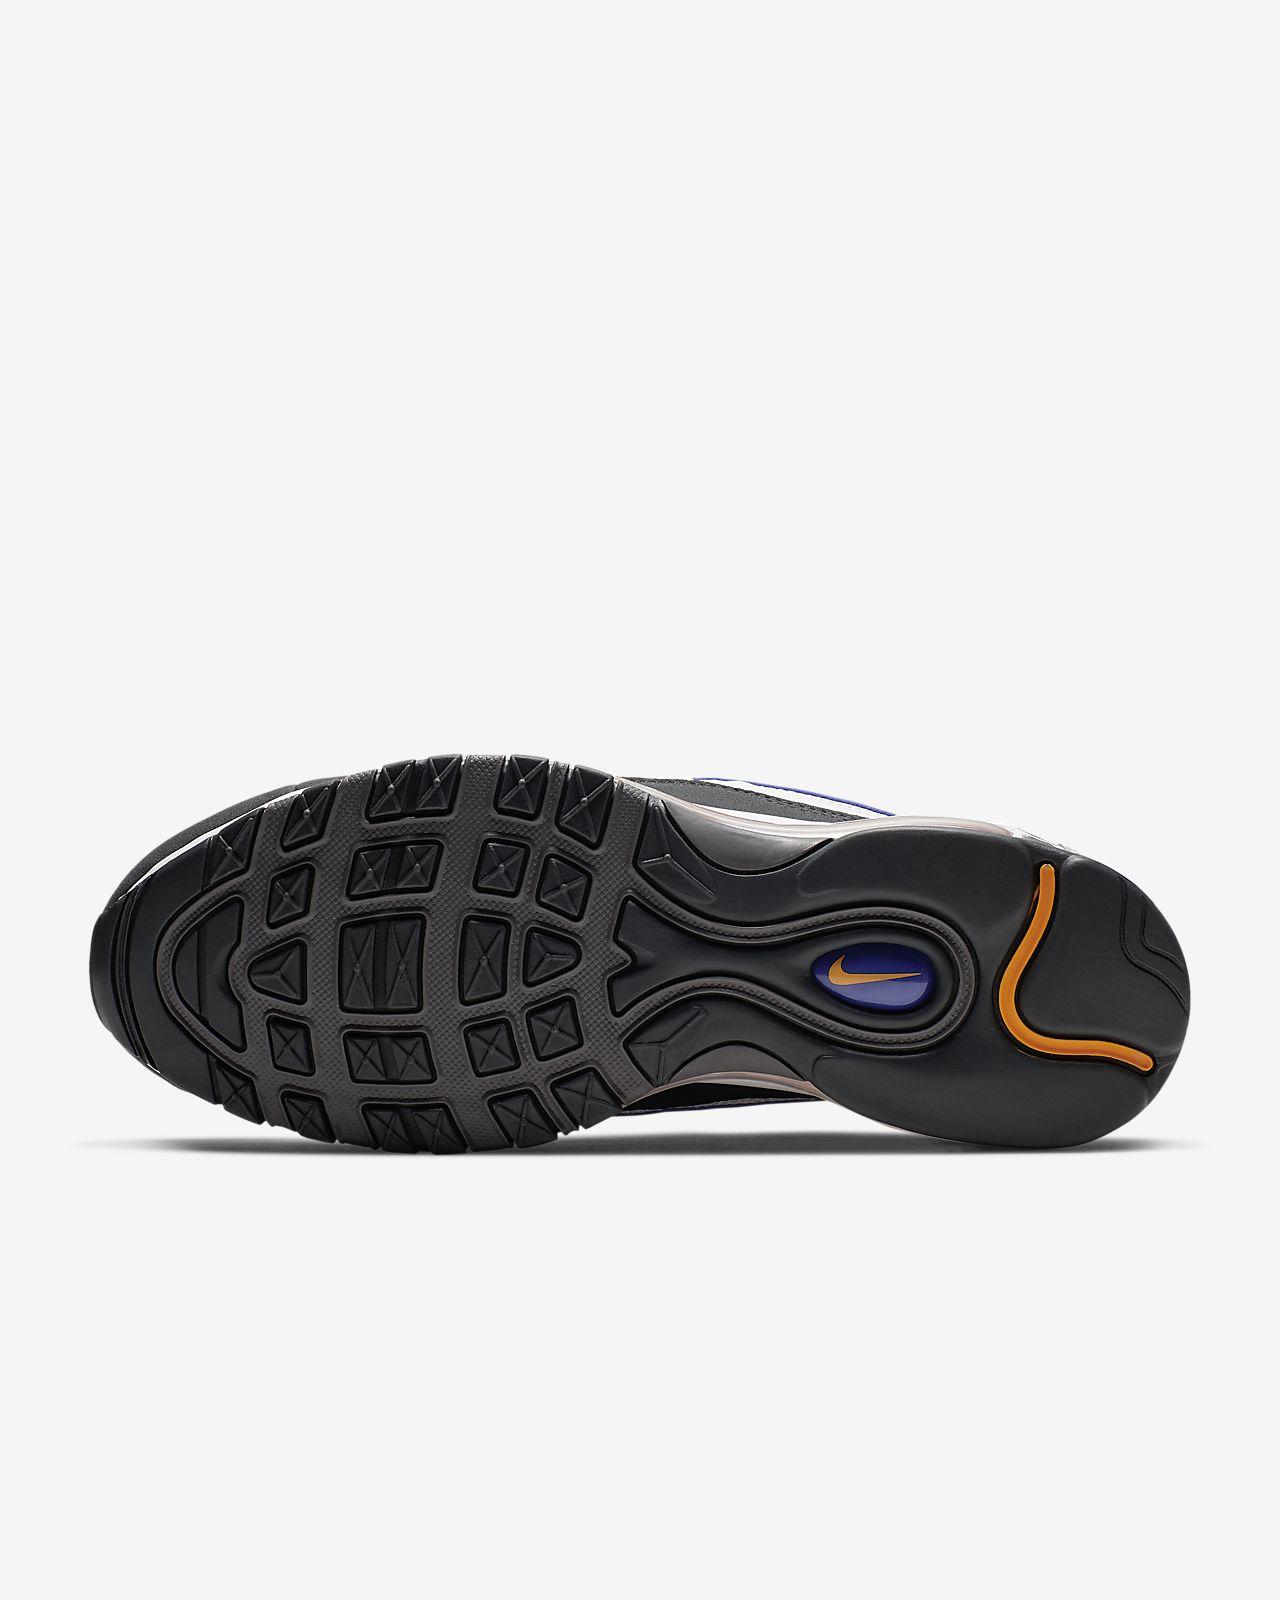 695a4129d1 Nike Air Max 98 Men's Shoe. Nike.com CA